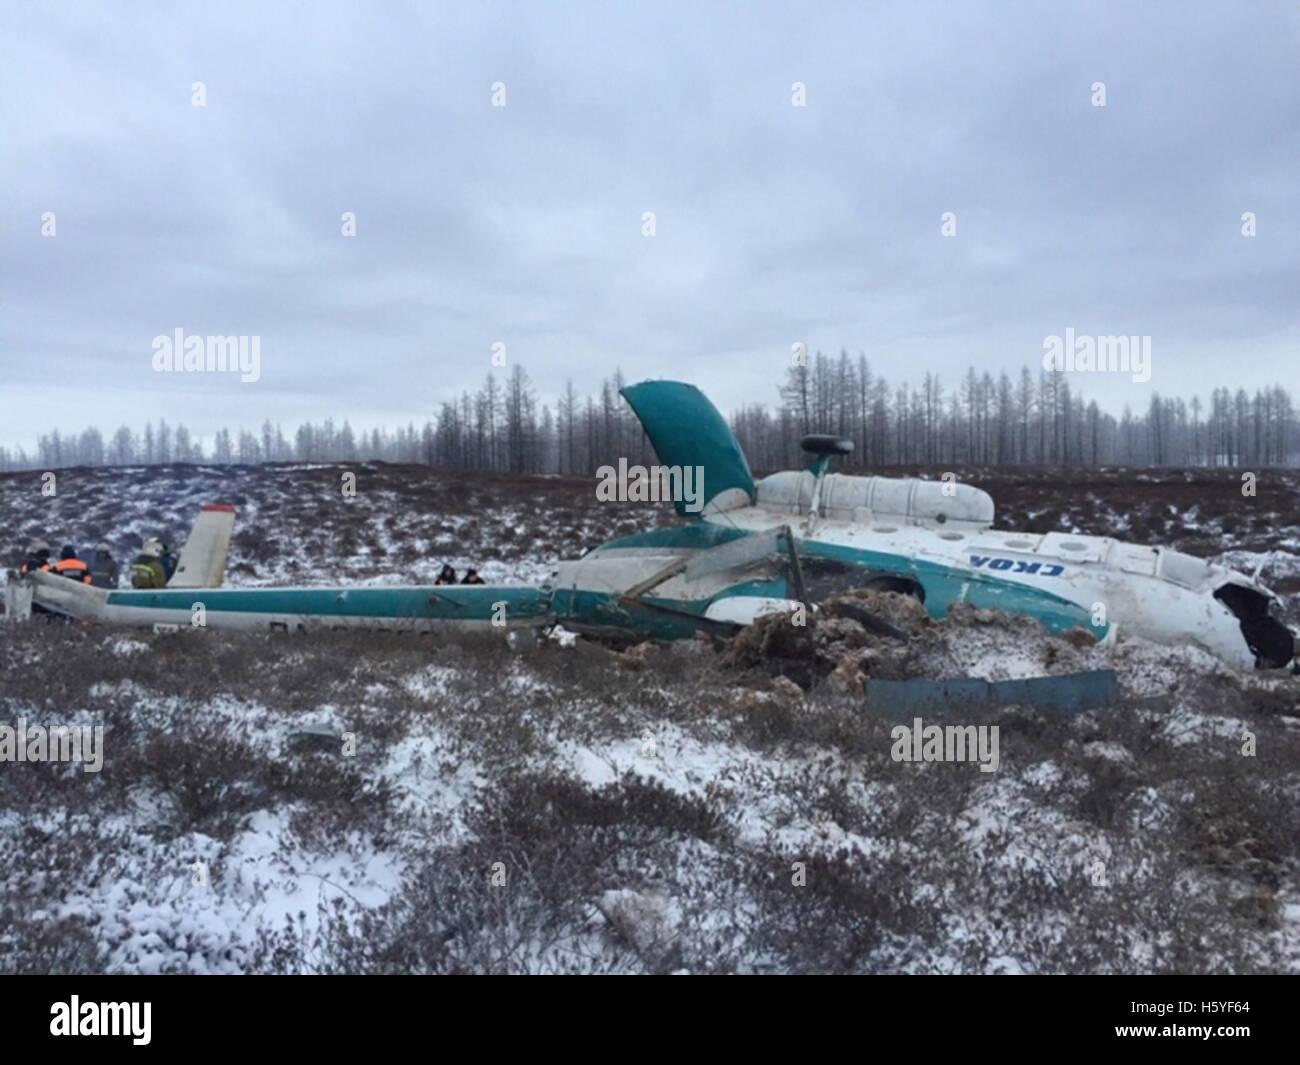 Yamalo nenet zona autónoma, Rusia. 22 Oct, 2016. Una vista del Mil Mi-8 accidente de helicóptero en el Imagen De Stock